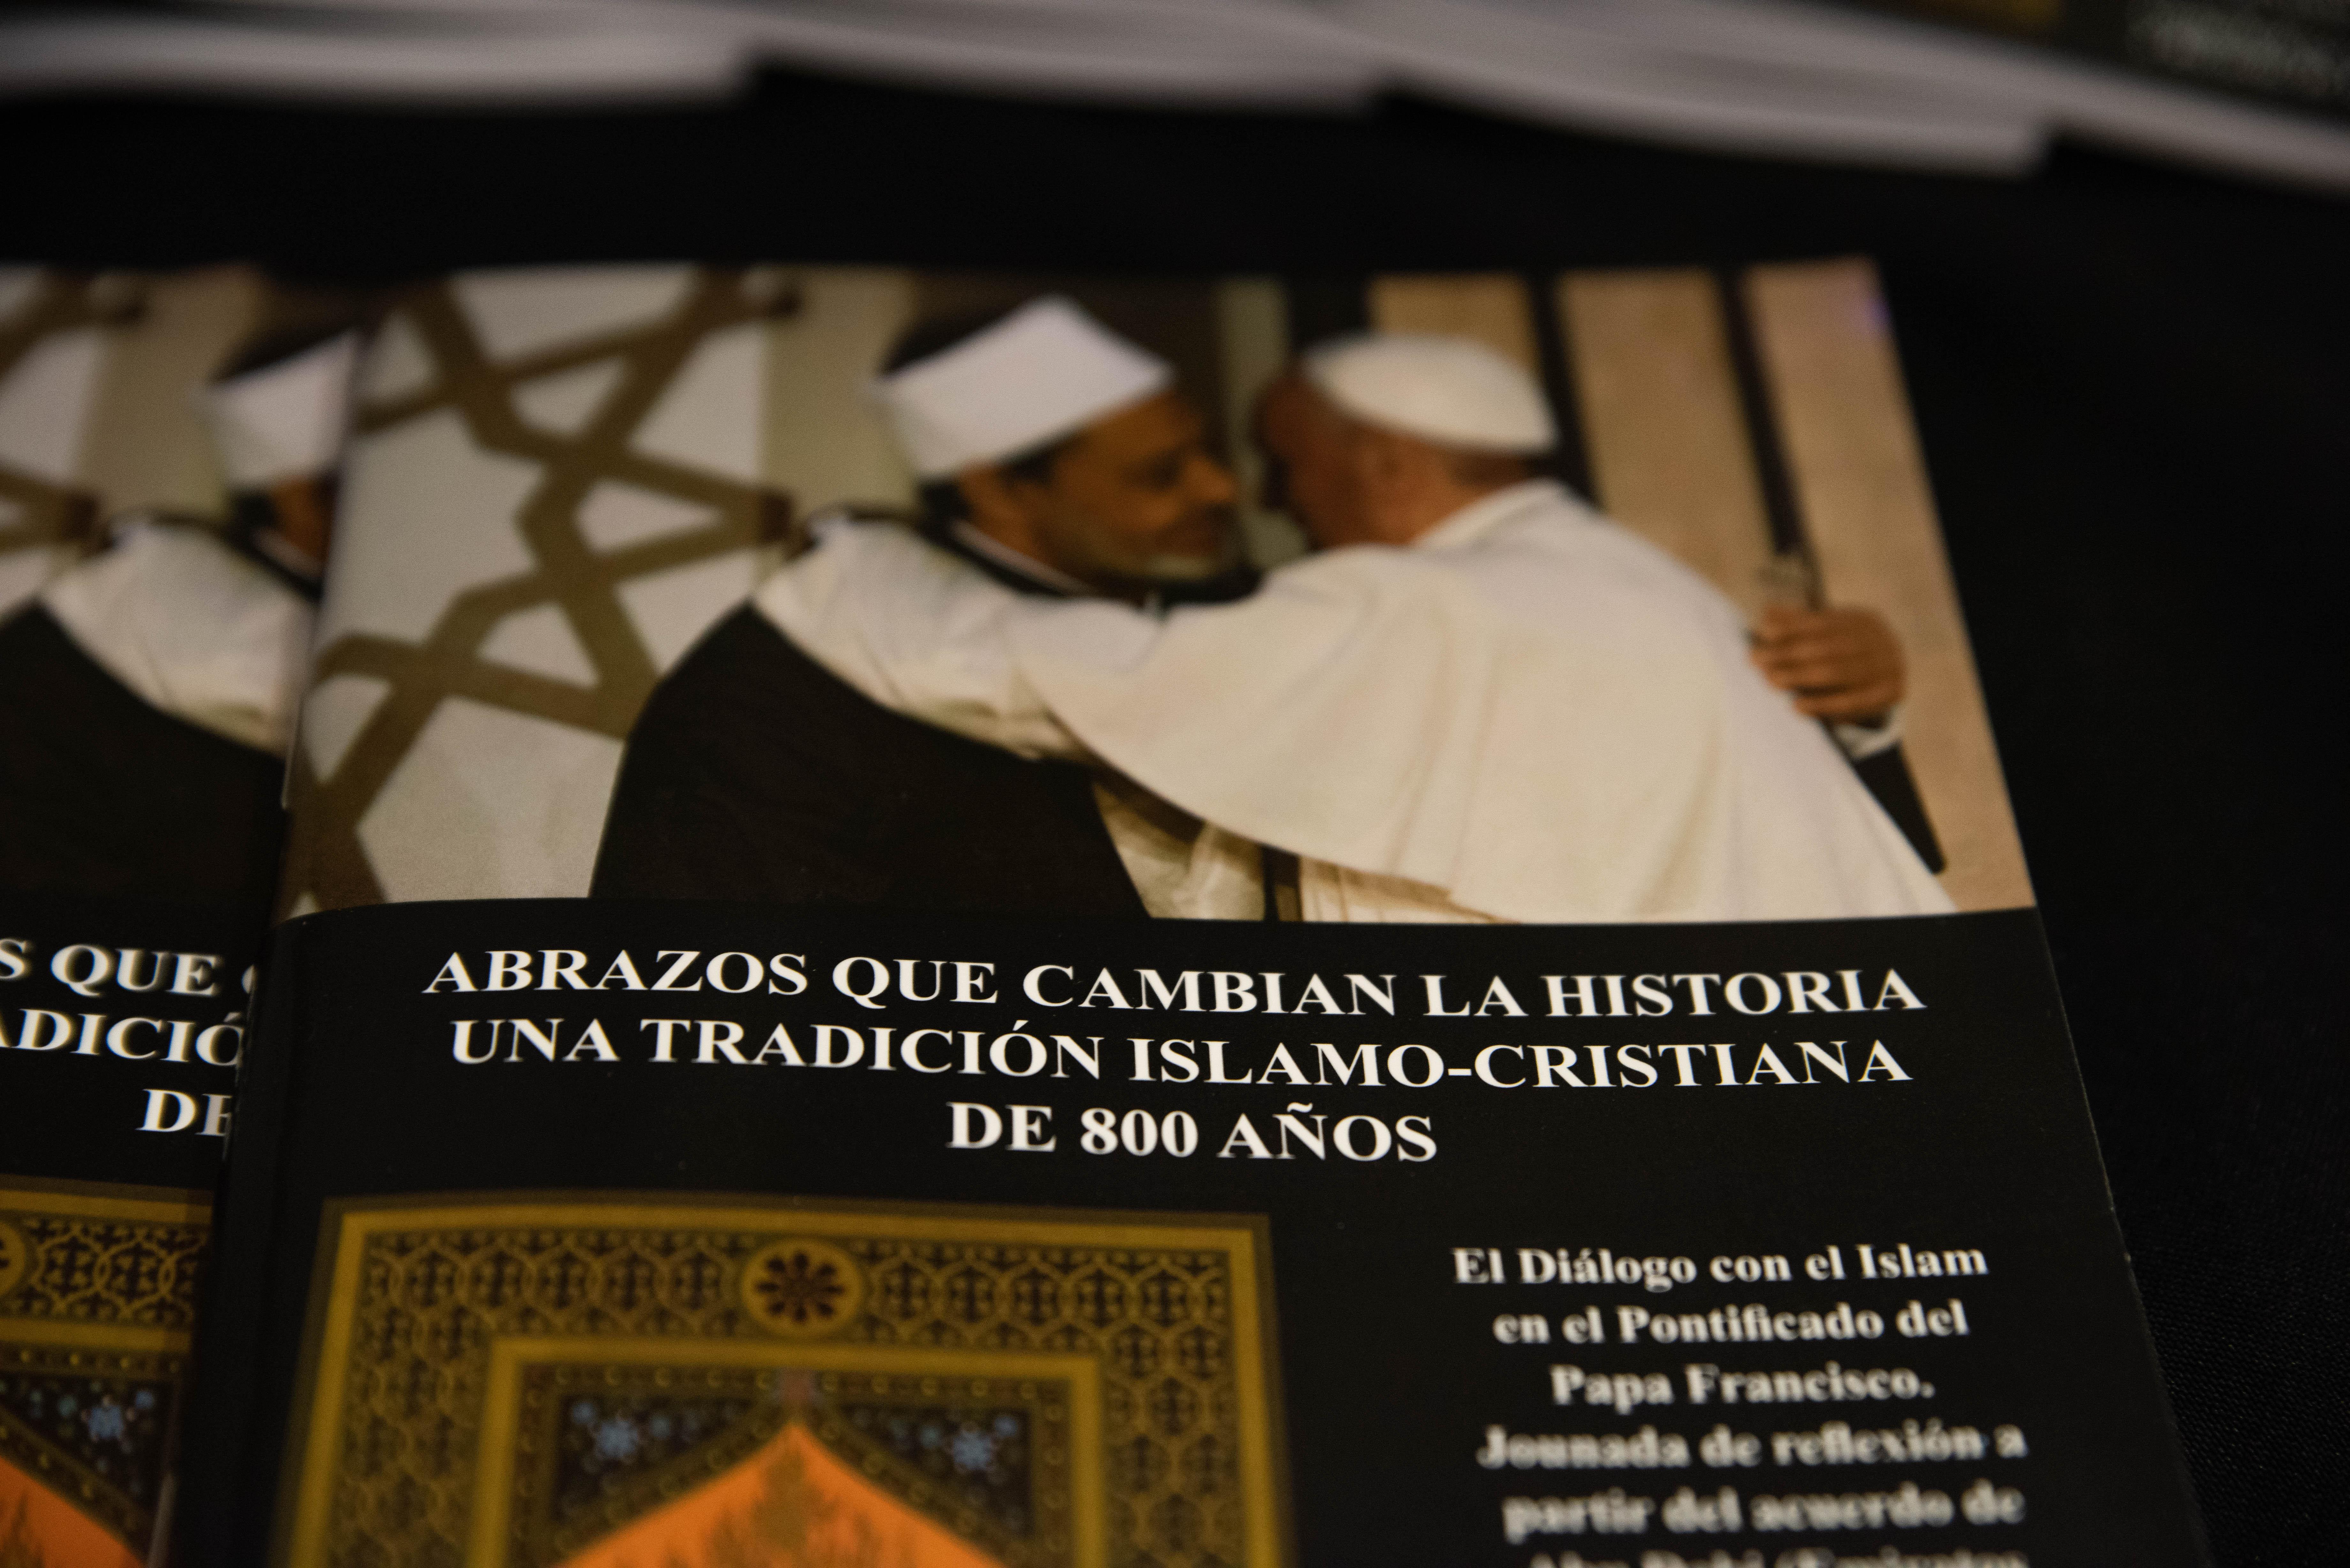 Los cuadernillos de divulgación sobre el diálogo que mantiene la Iglesia Católica con el Islam durante el Pontificado del Papa Francisco.